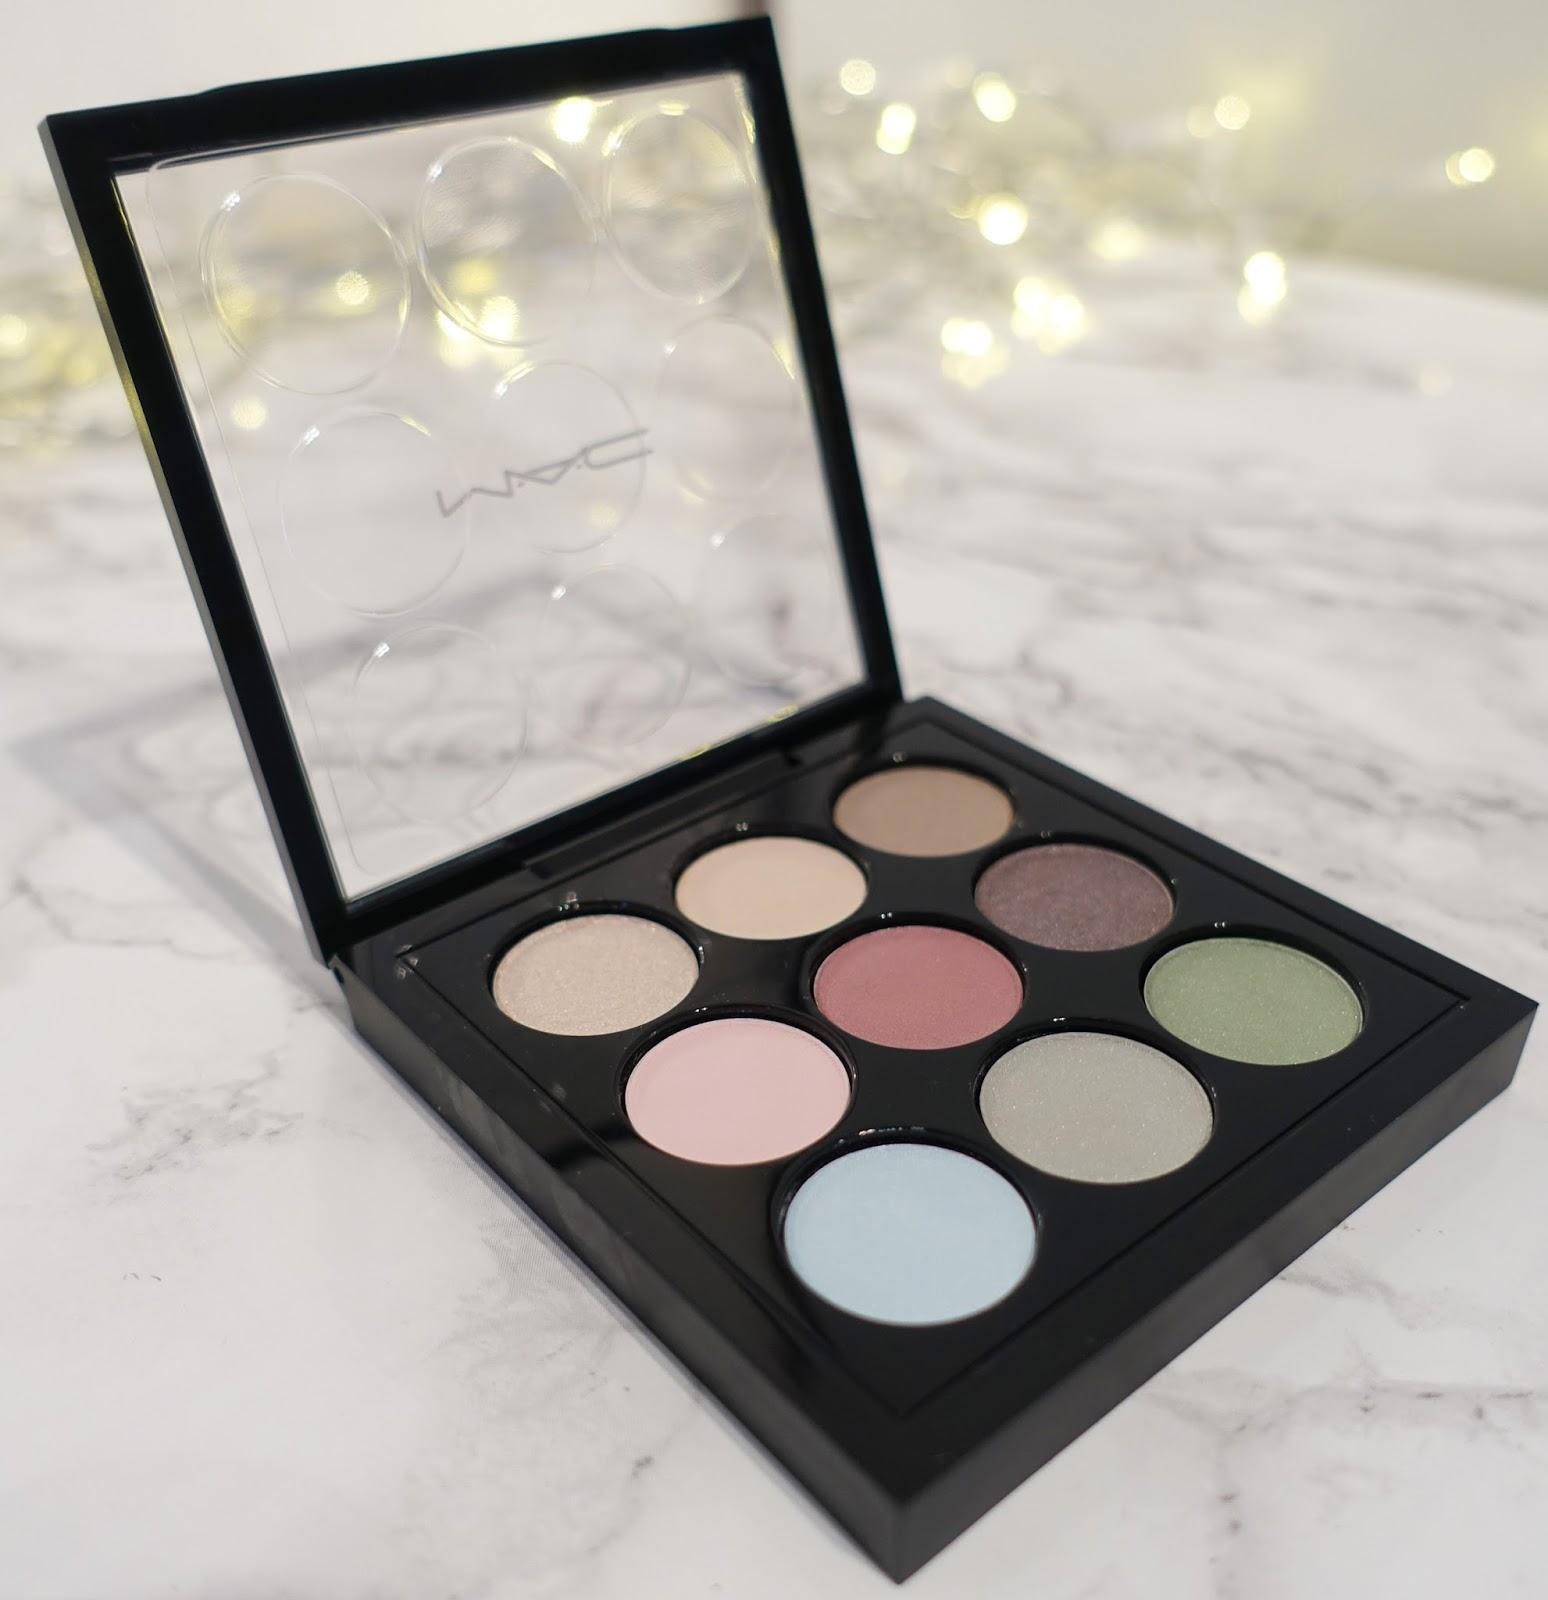 MAC Pastel Times Nine Eyeshadow Palette